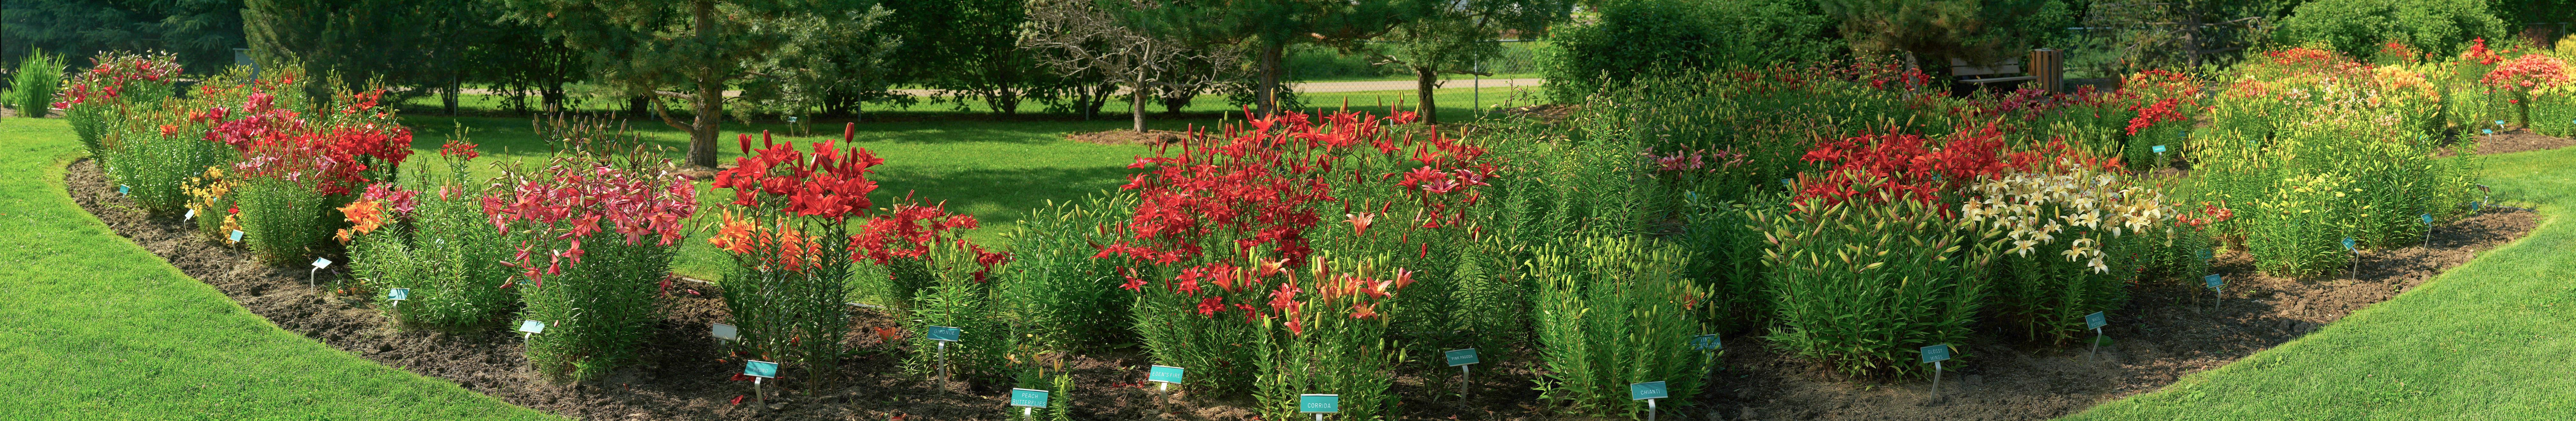 Lily Garden, St. Albert